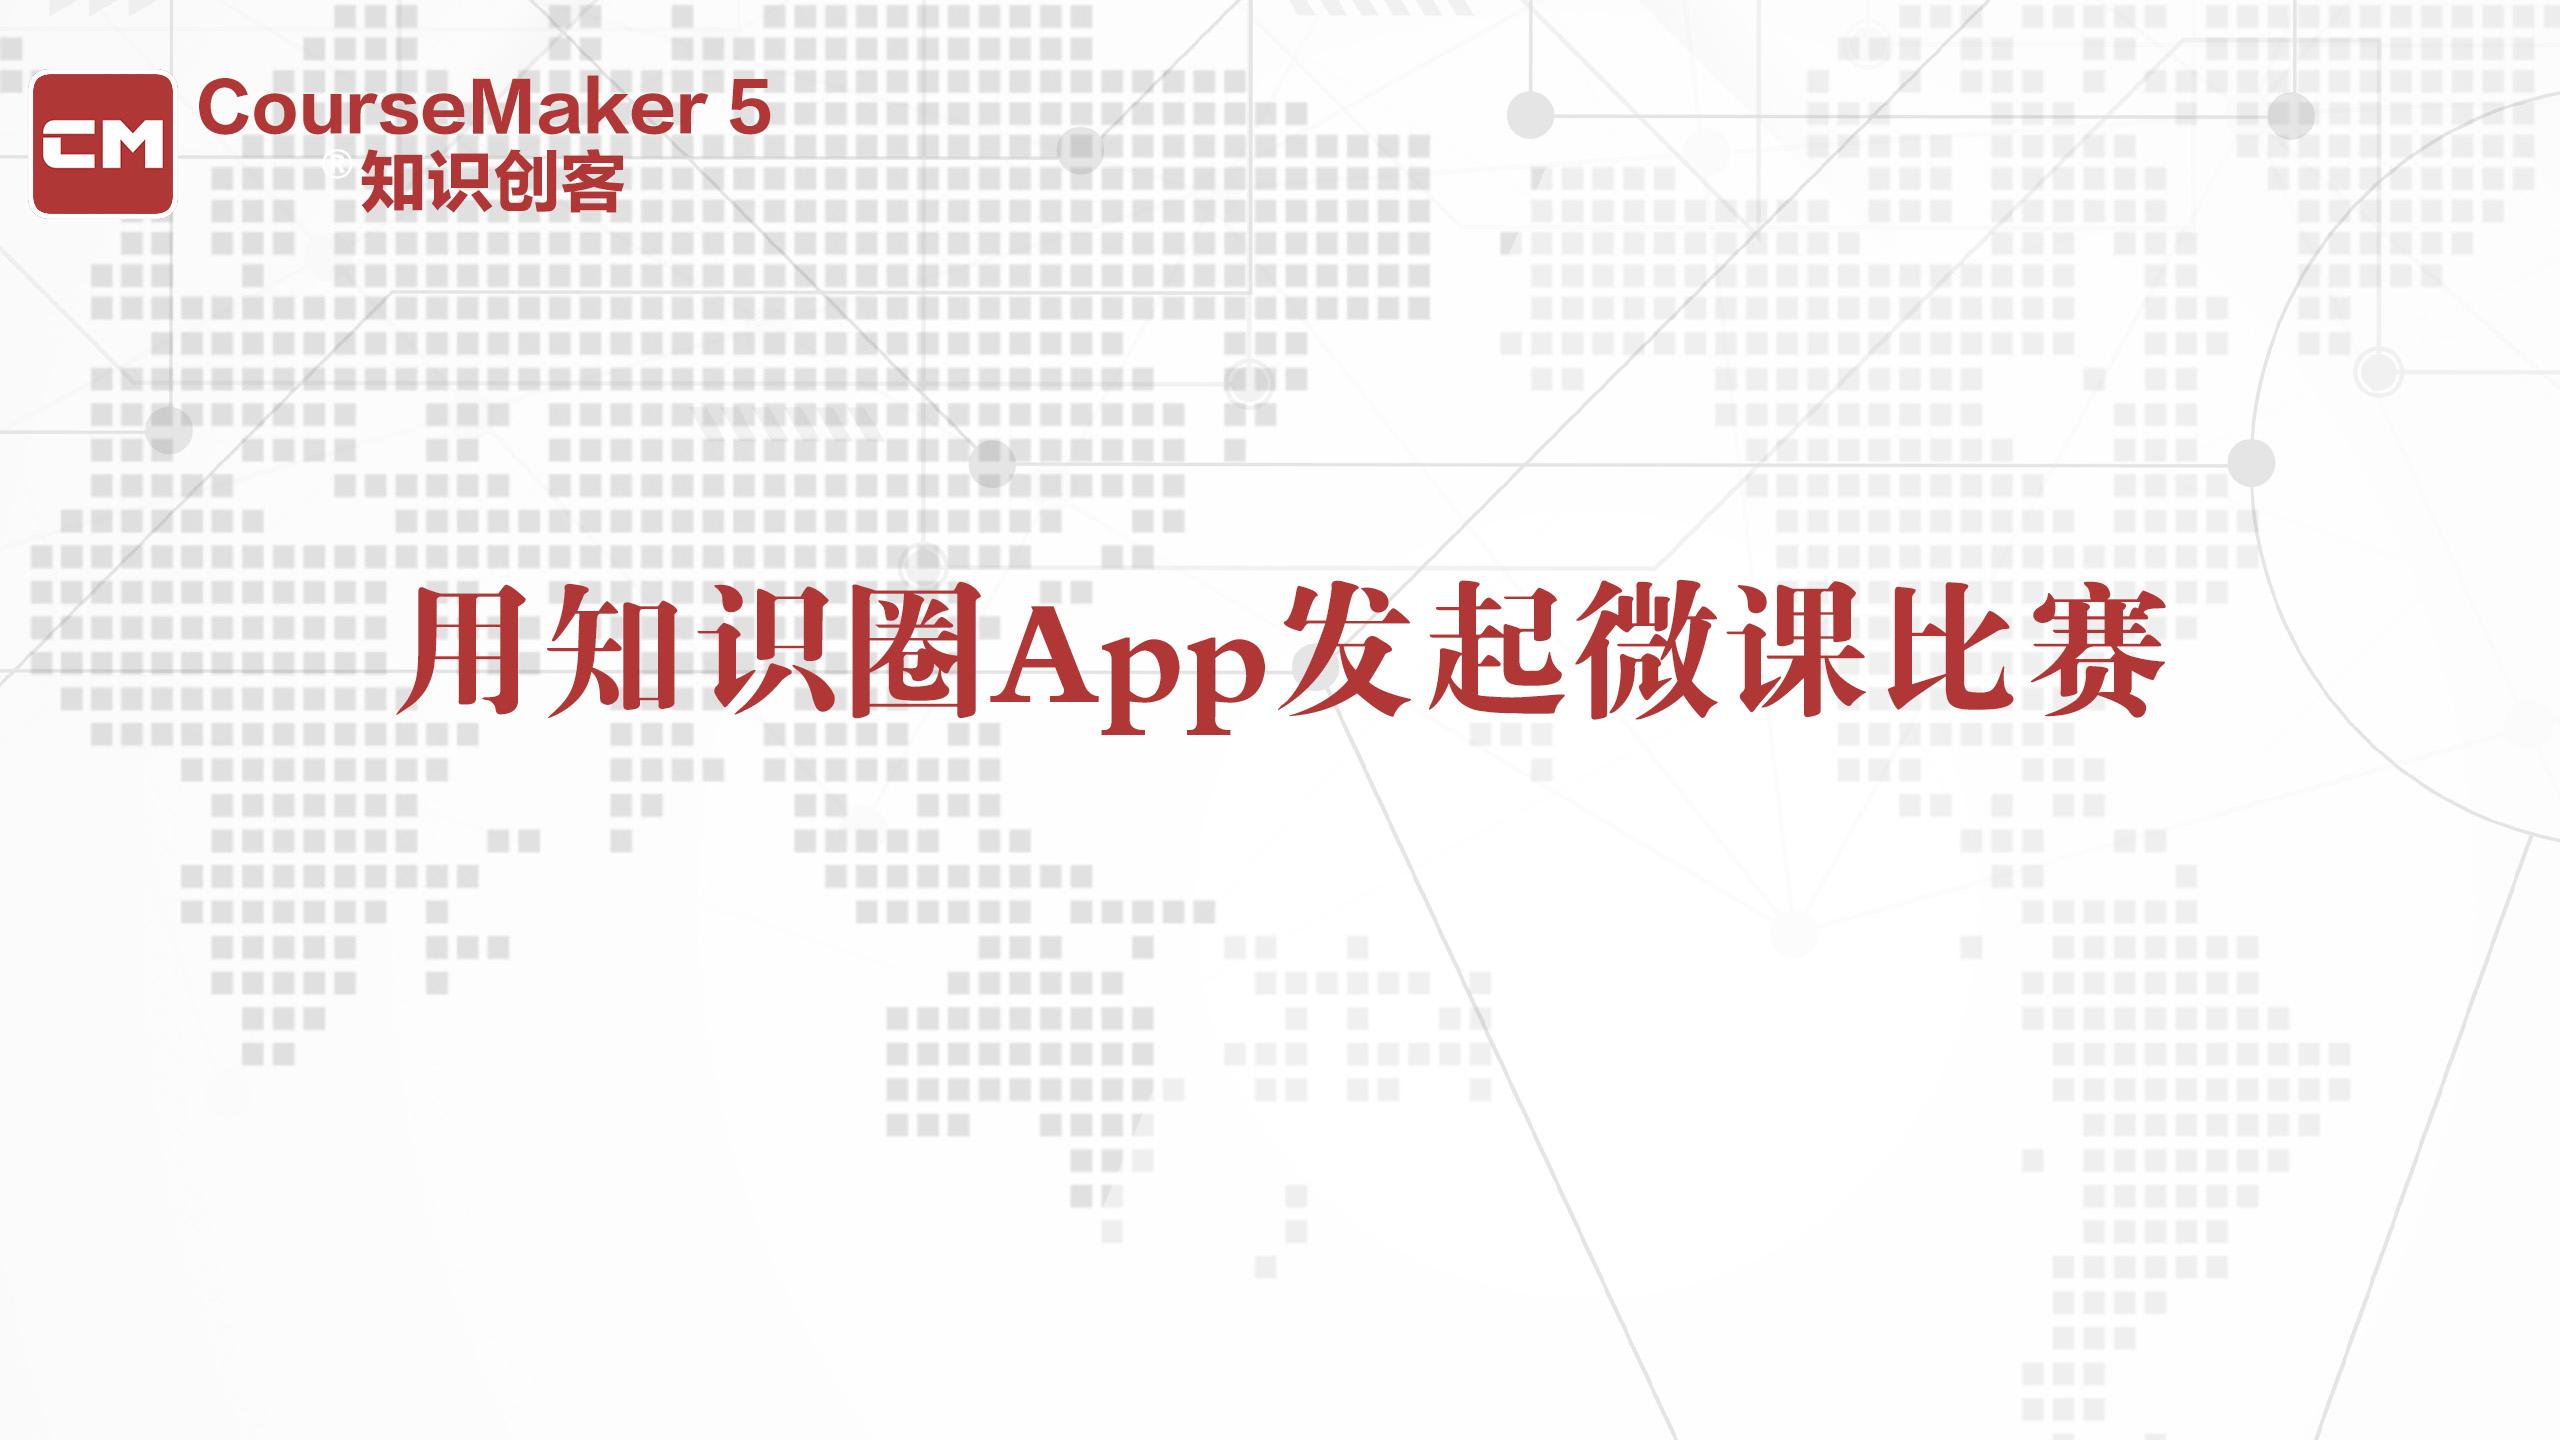 8.1 如何用知識圈App快速發起比賽